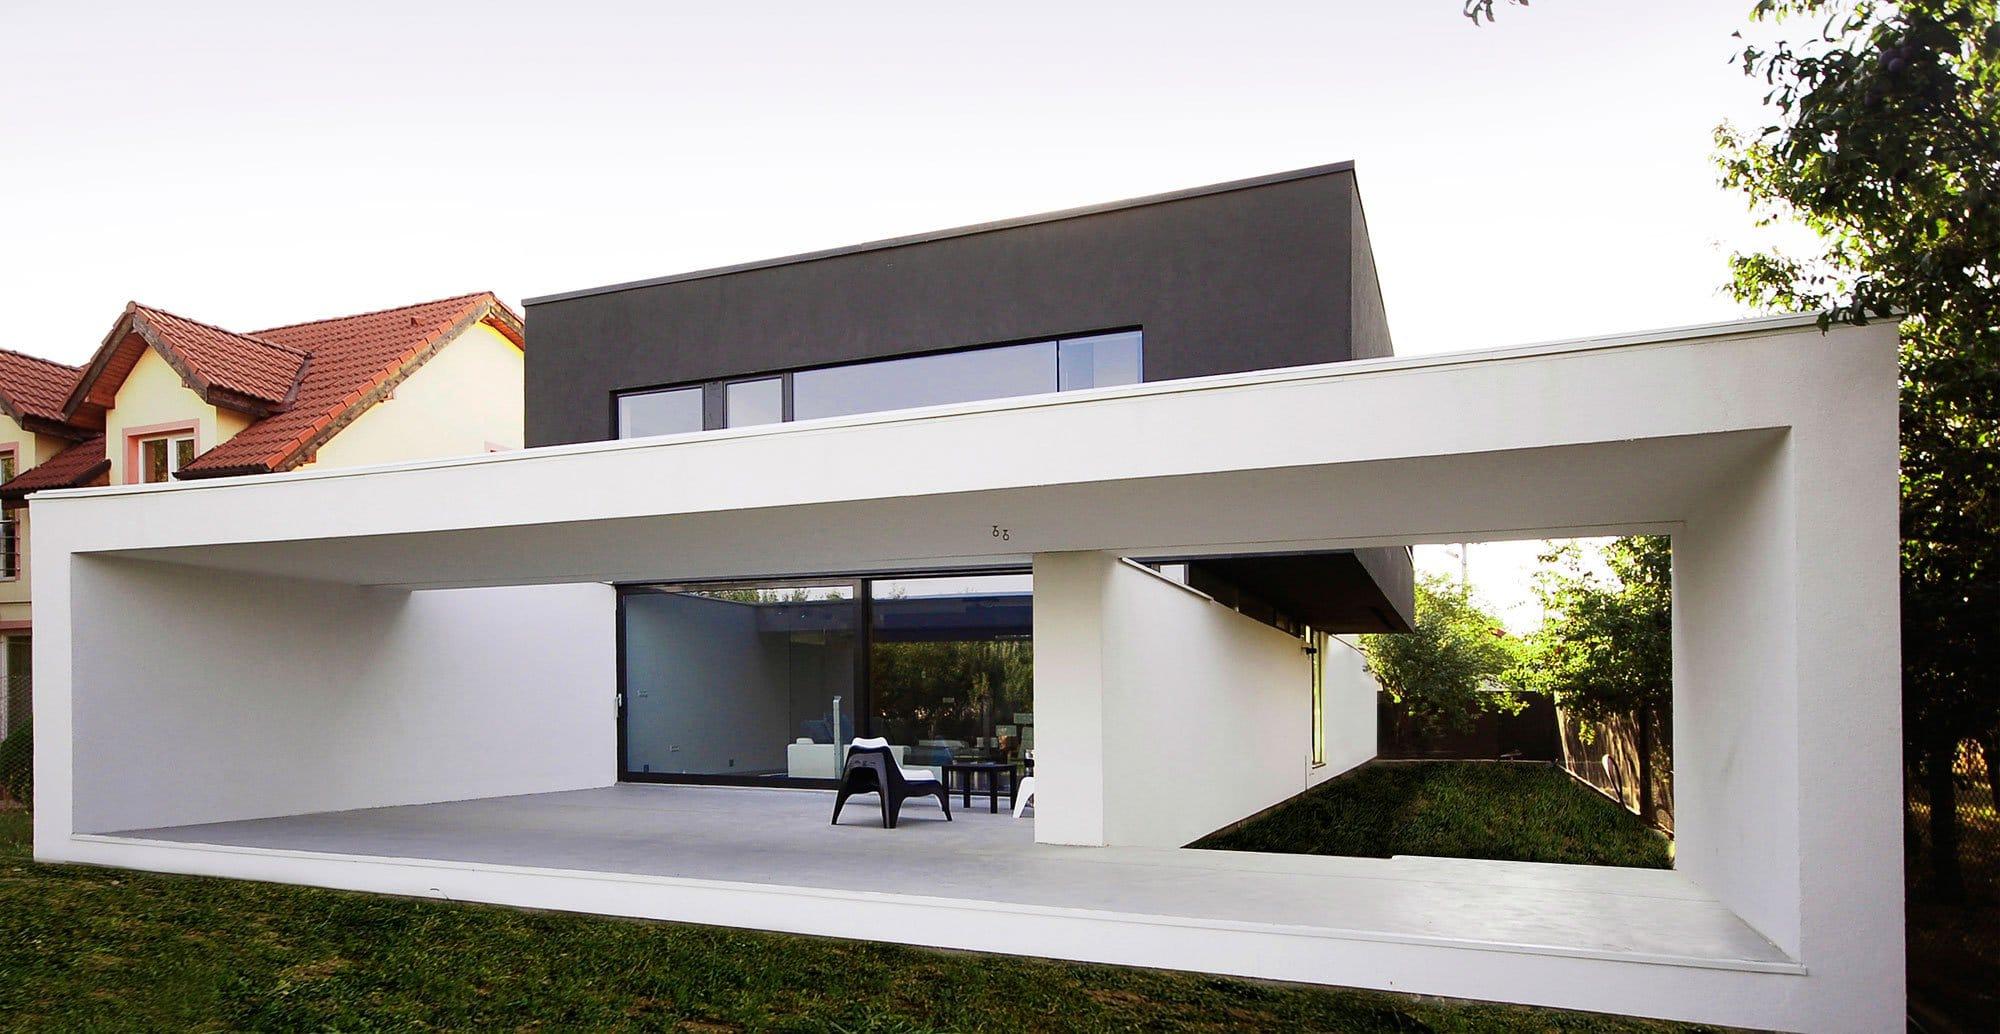 dise o de casa moderna de dos plantas construye hogar On casas modernas rectangulares